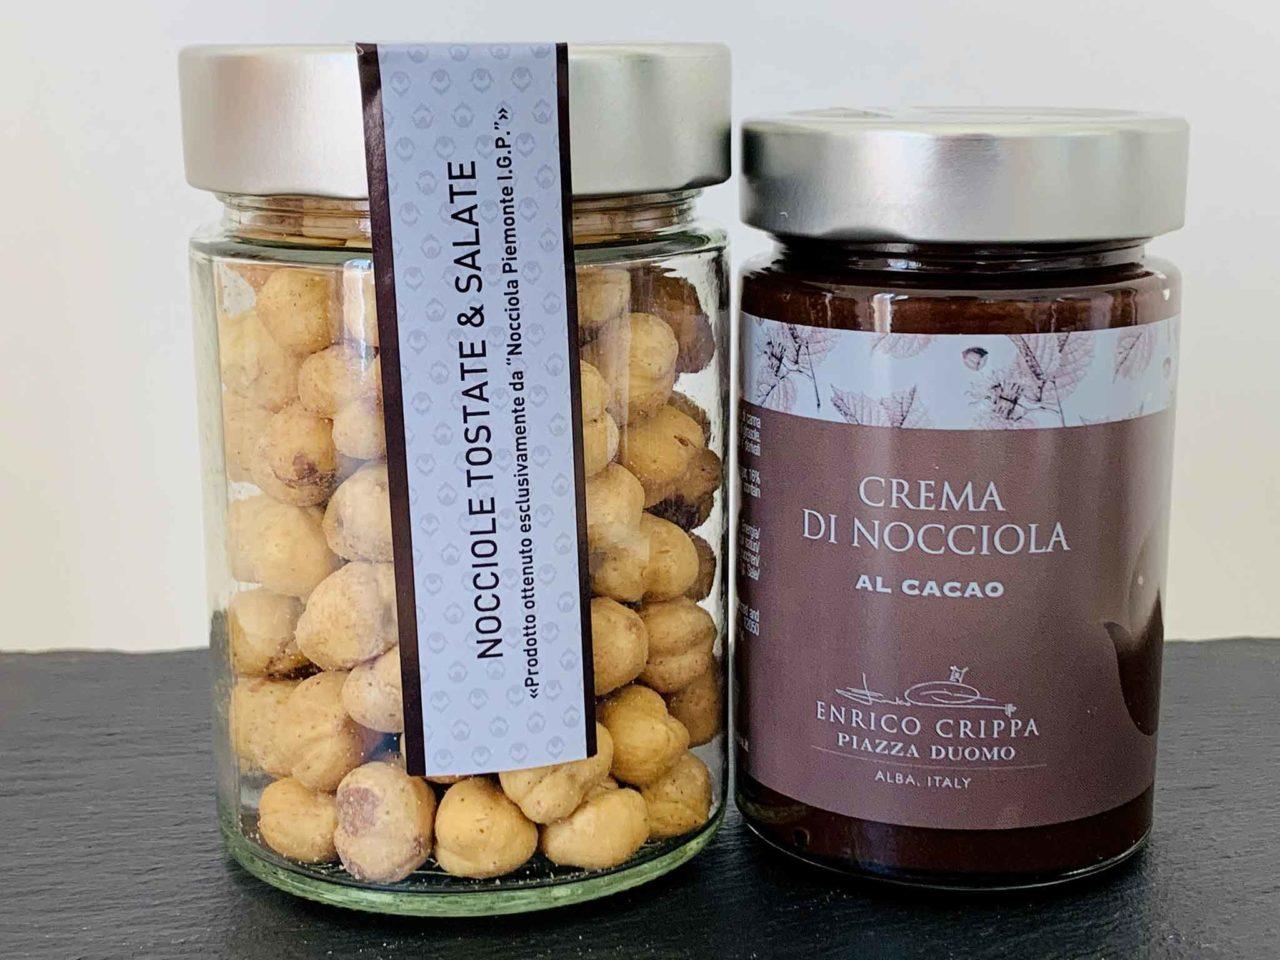 nocciole e crema di nocciole Enrico Crippa